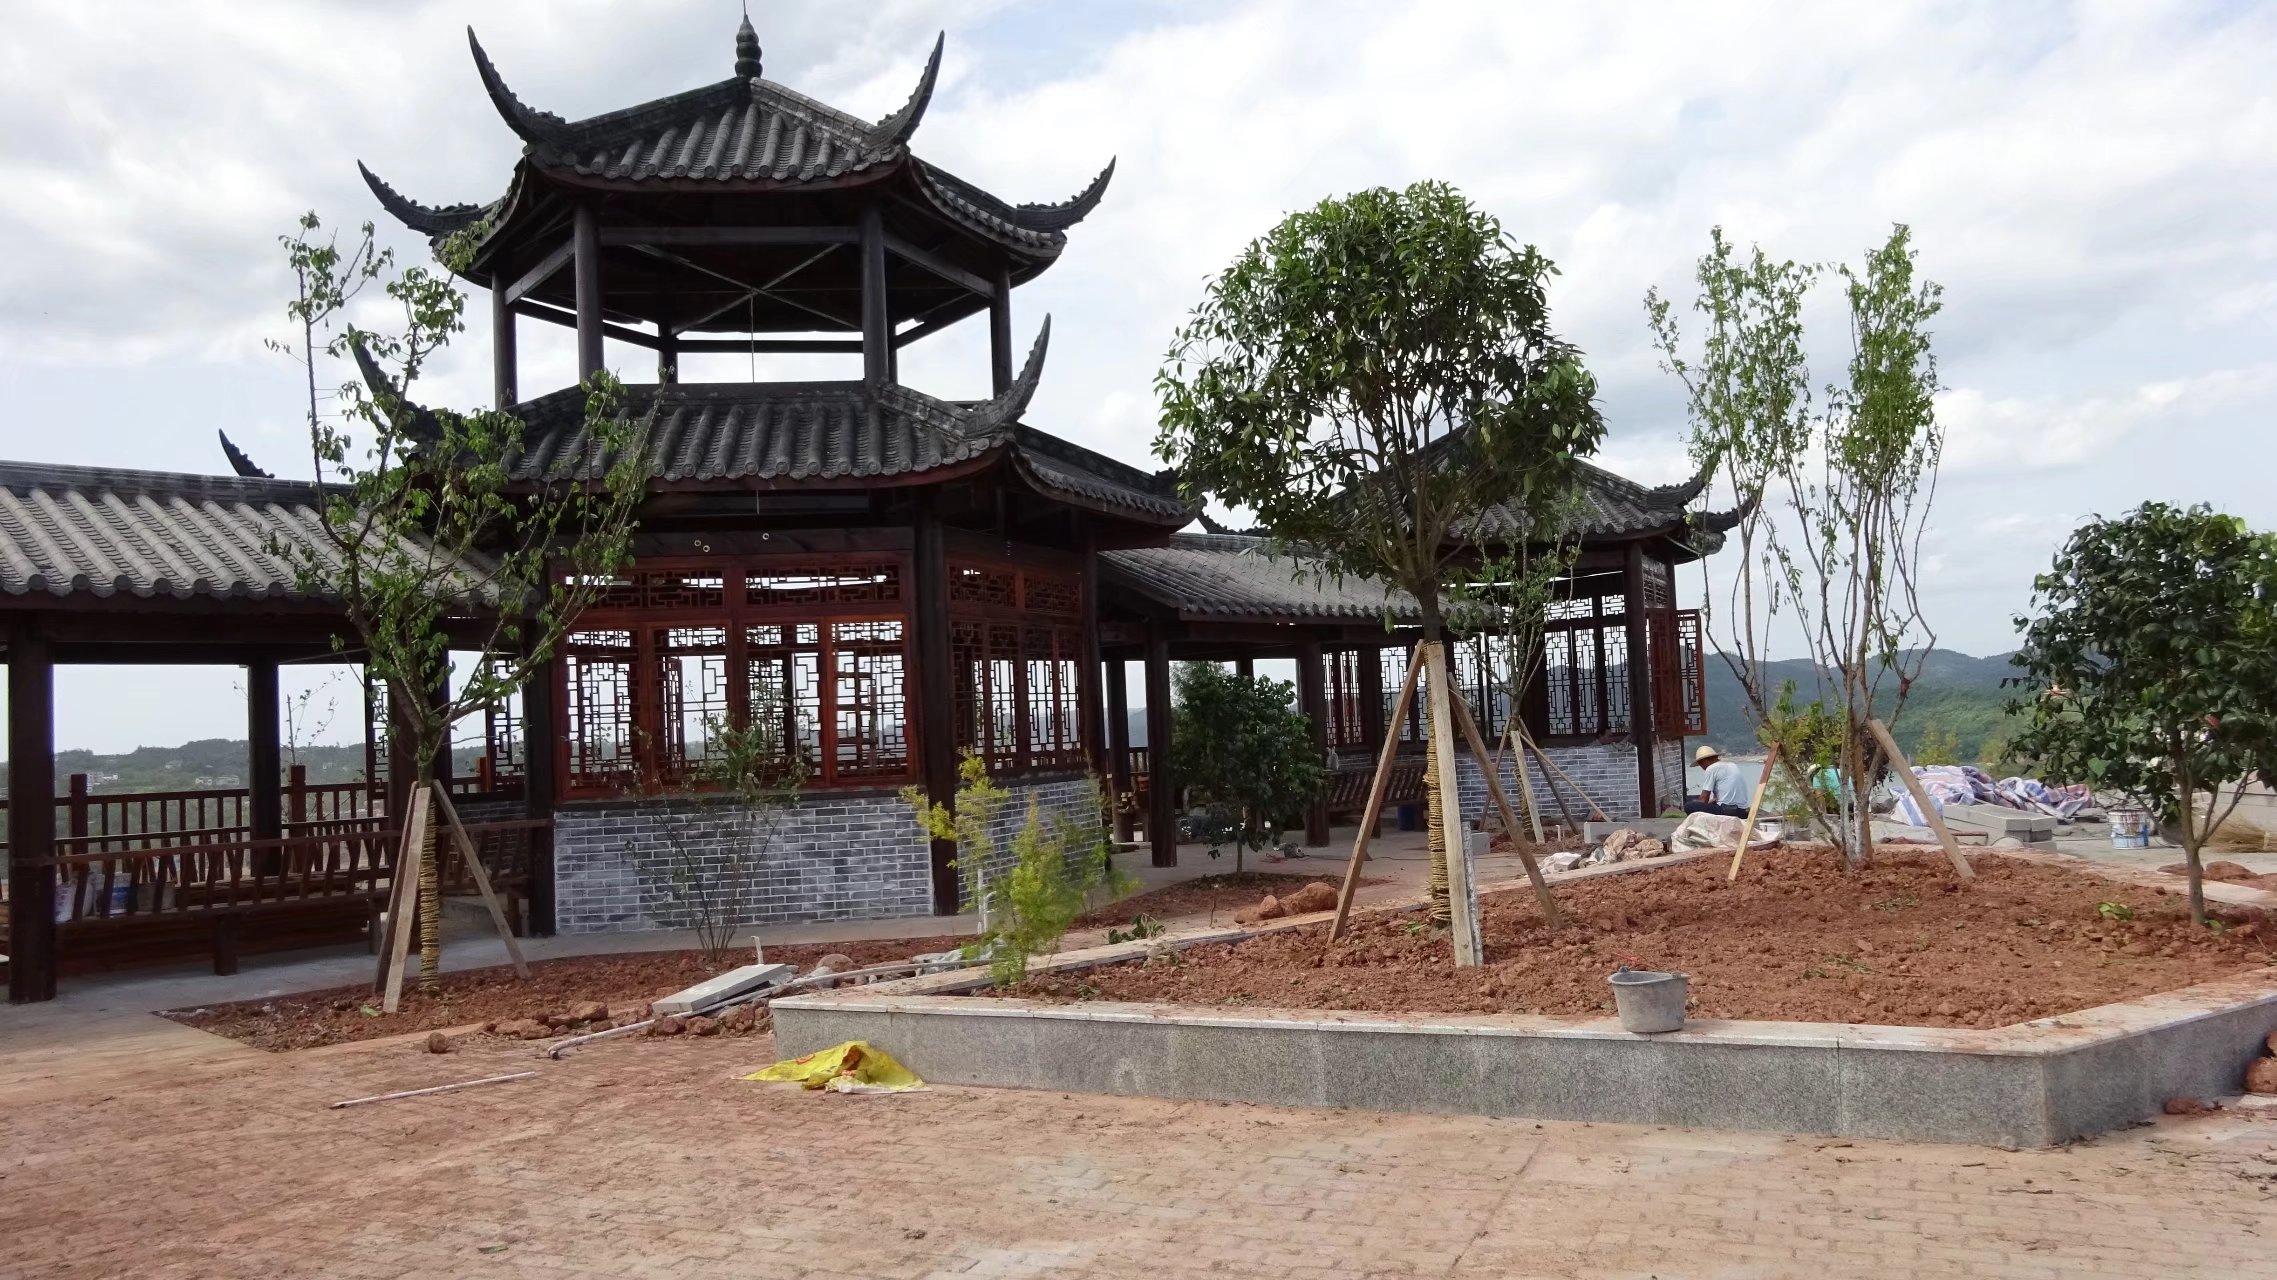 蓬安桑梓火锅公园施工进度(2018-05-10) - 第27张    蓬安在线